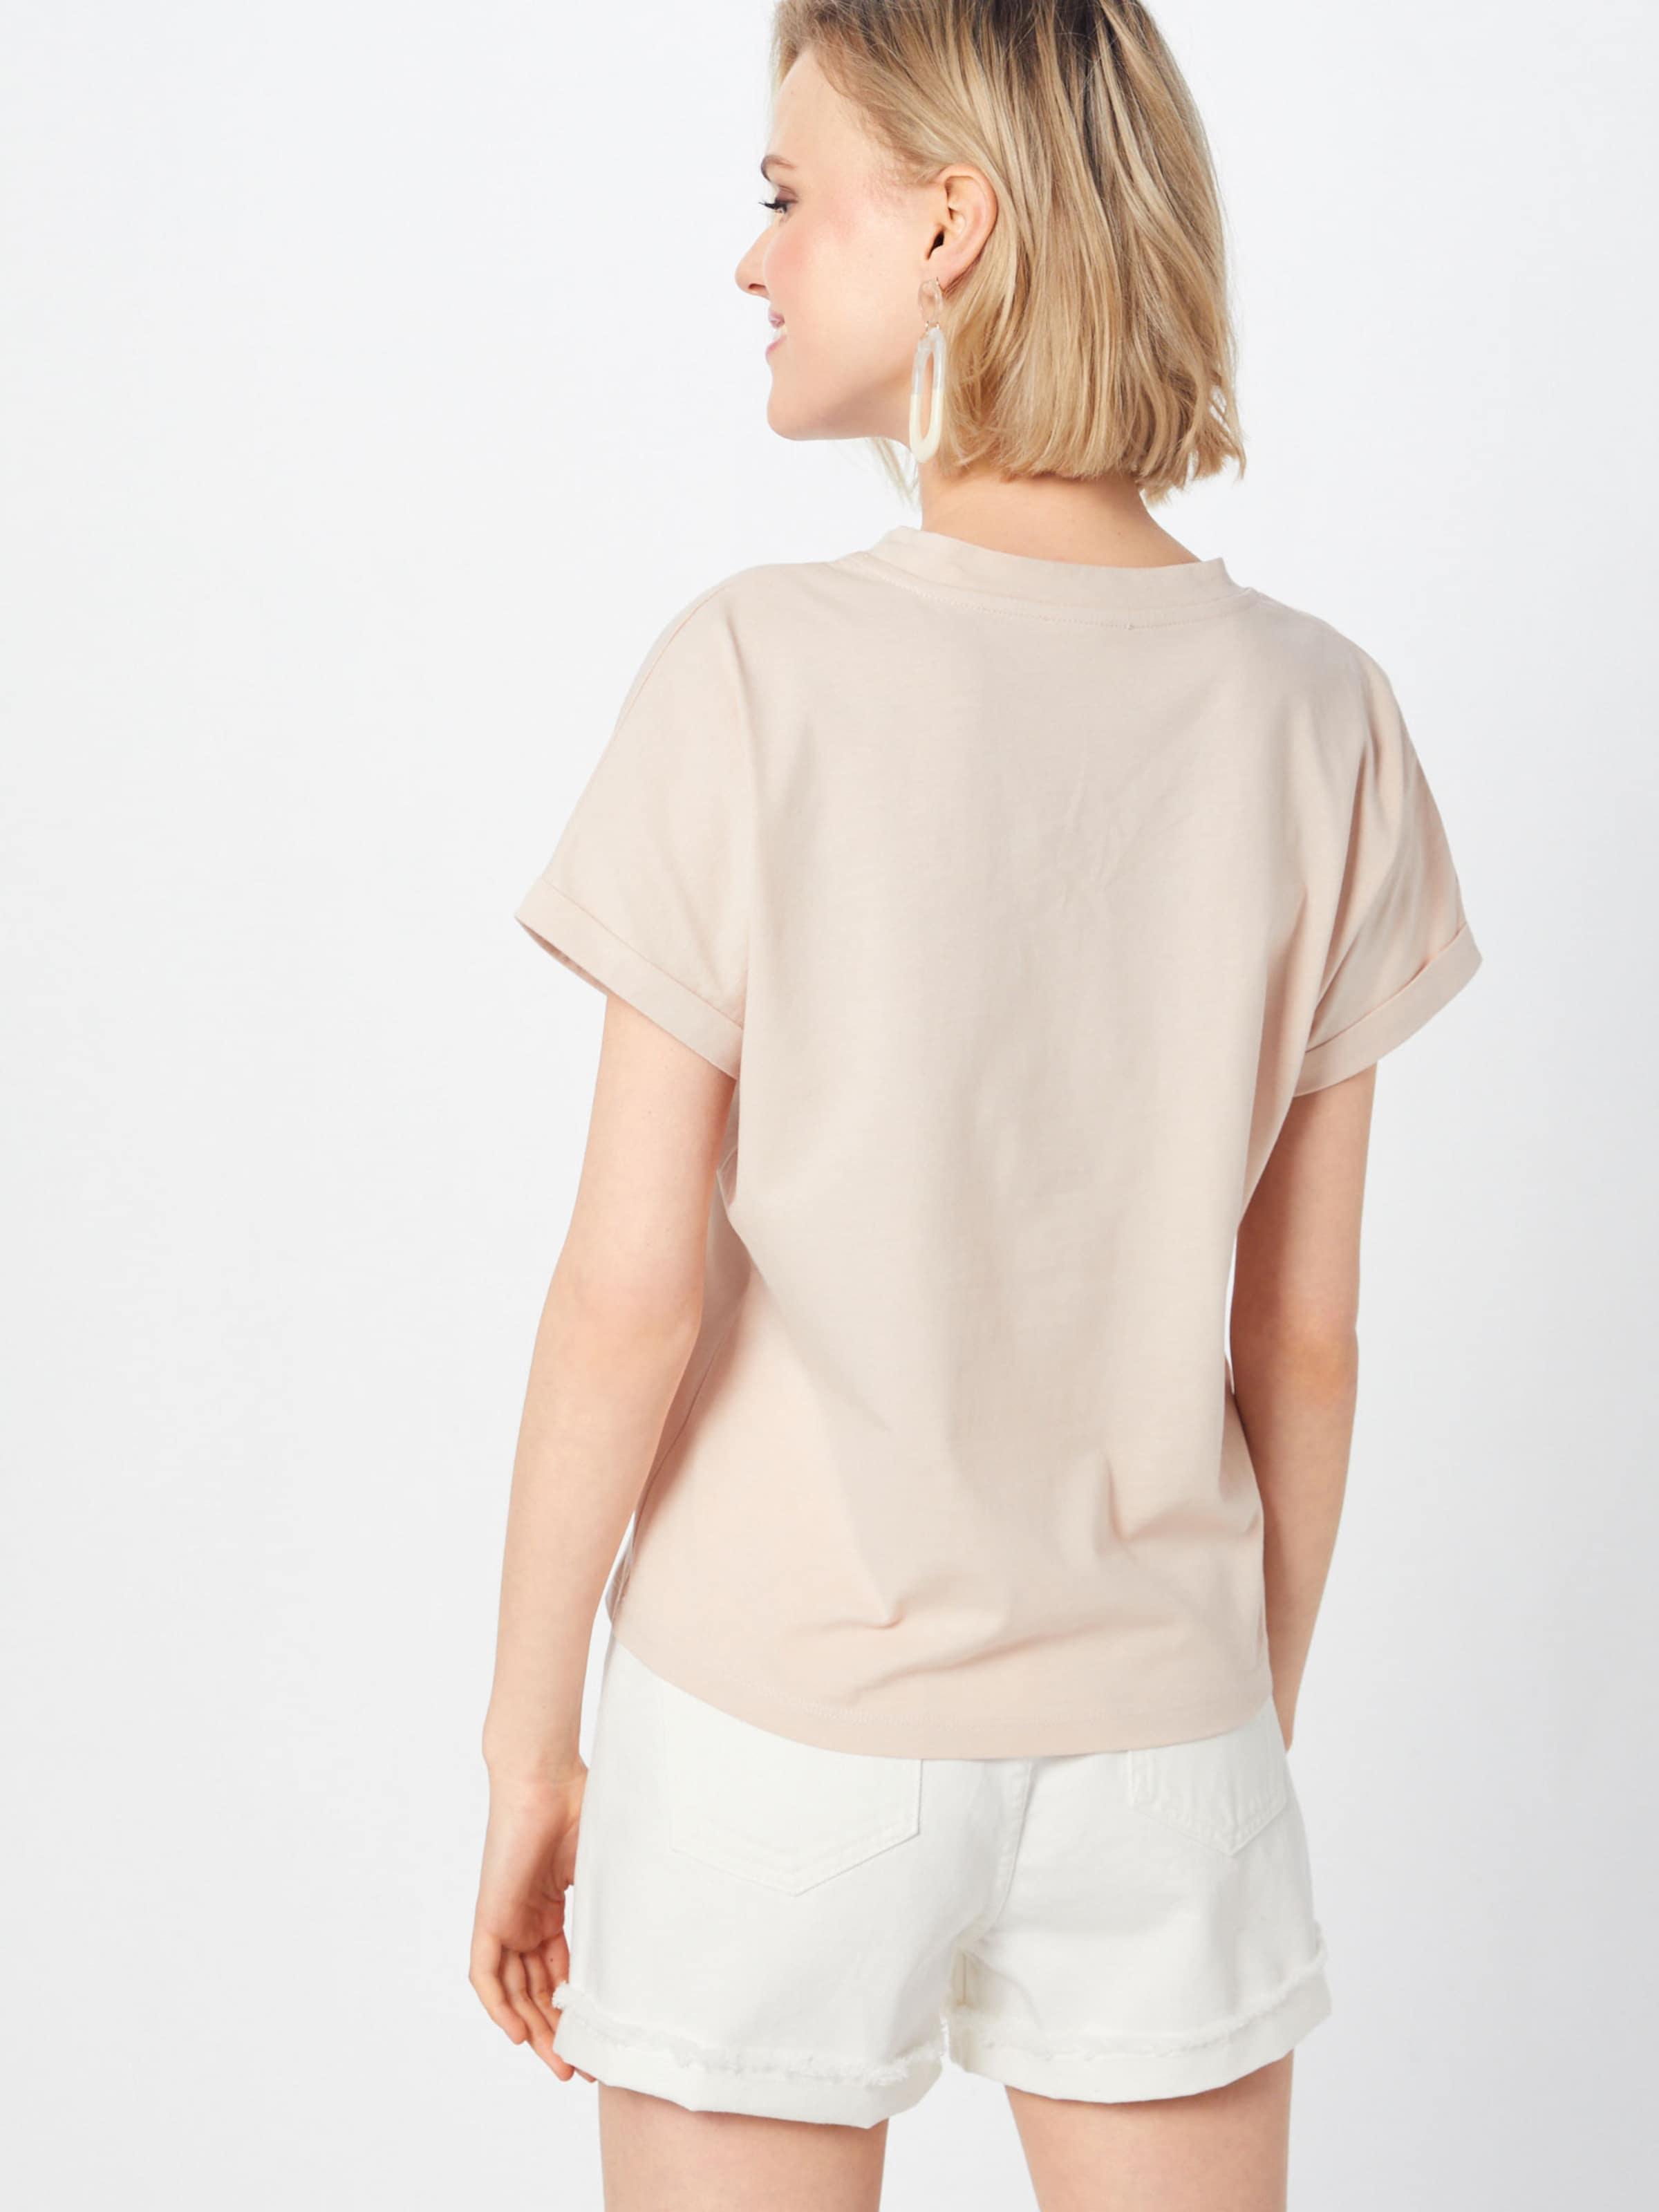 Nude 'sina' Leger T shirt Gercke Lena By En 8P0Onwk